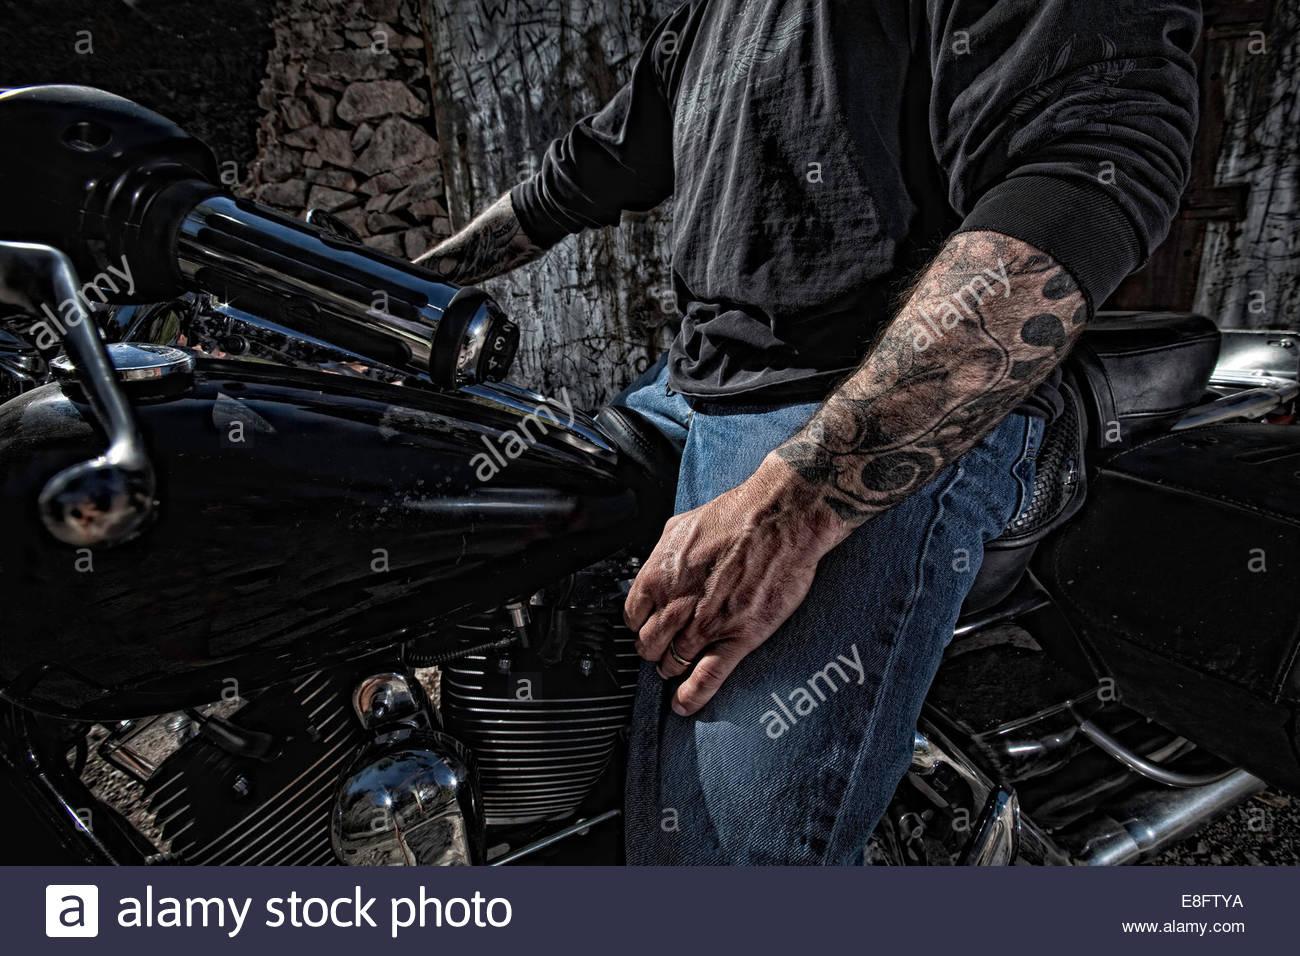 Avec L Homme Assis Sur La Moto De Tatouage Banque D Images Photo